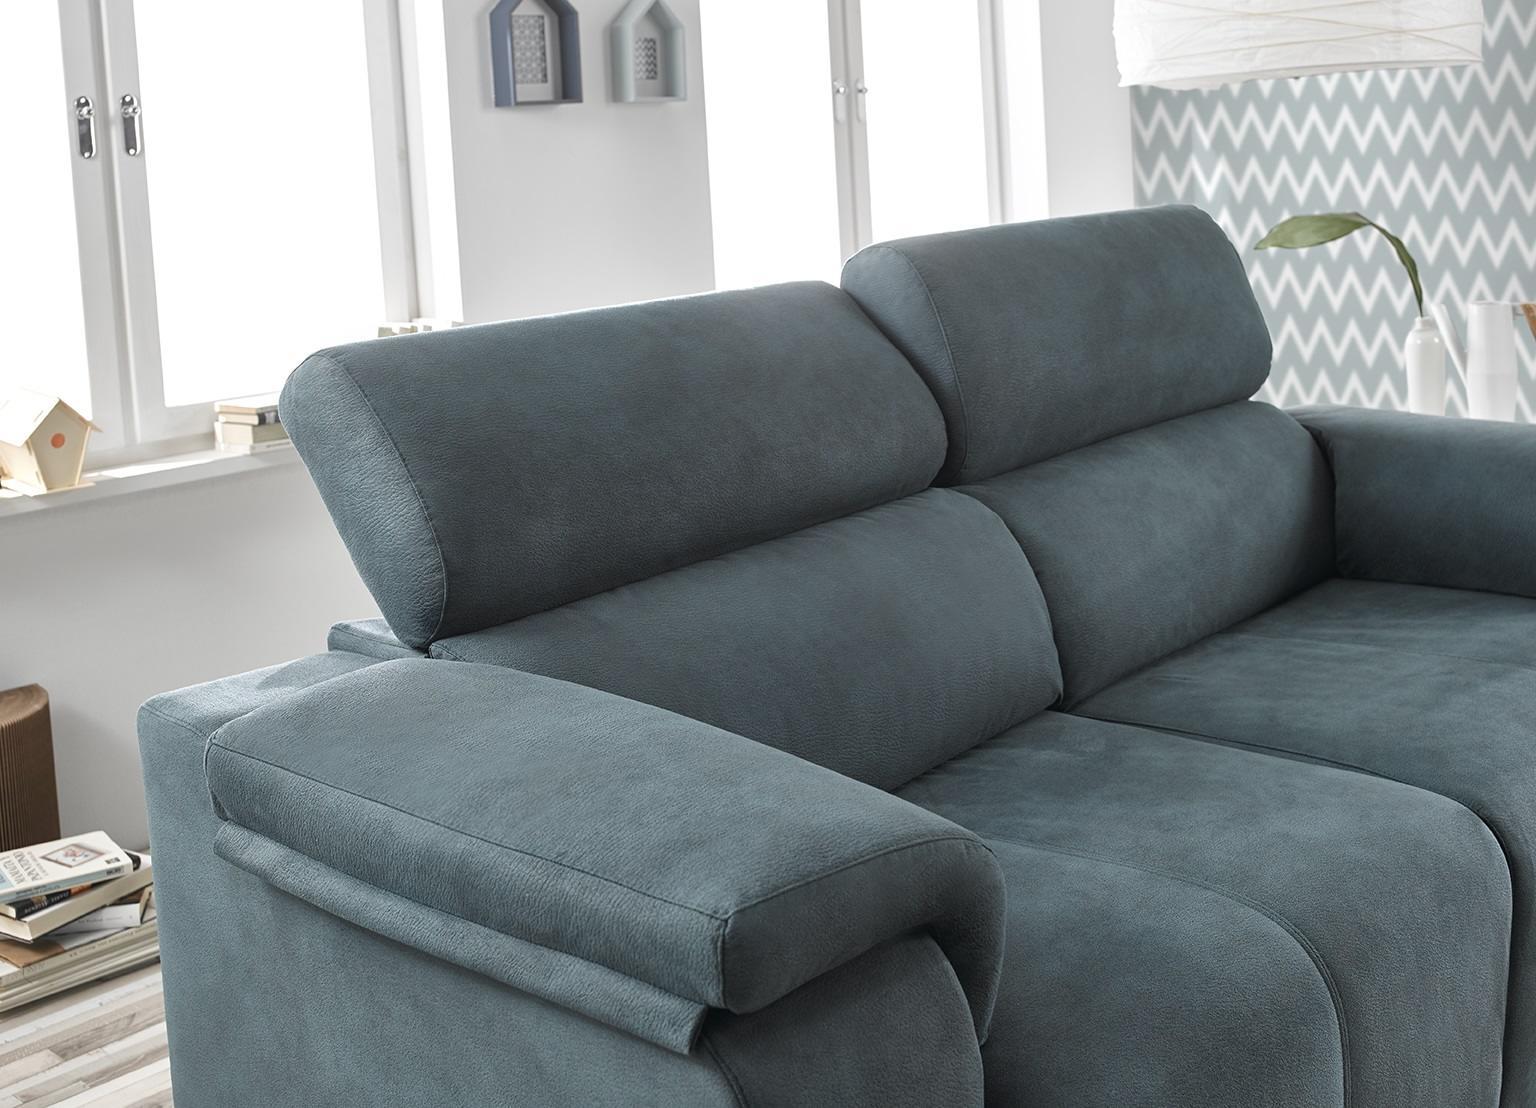 Sofá cama chaise long de la marca Noryk modleo Calais